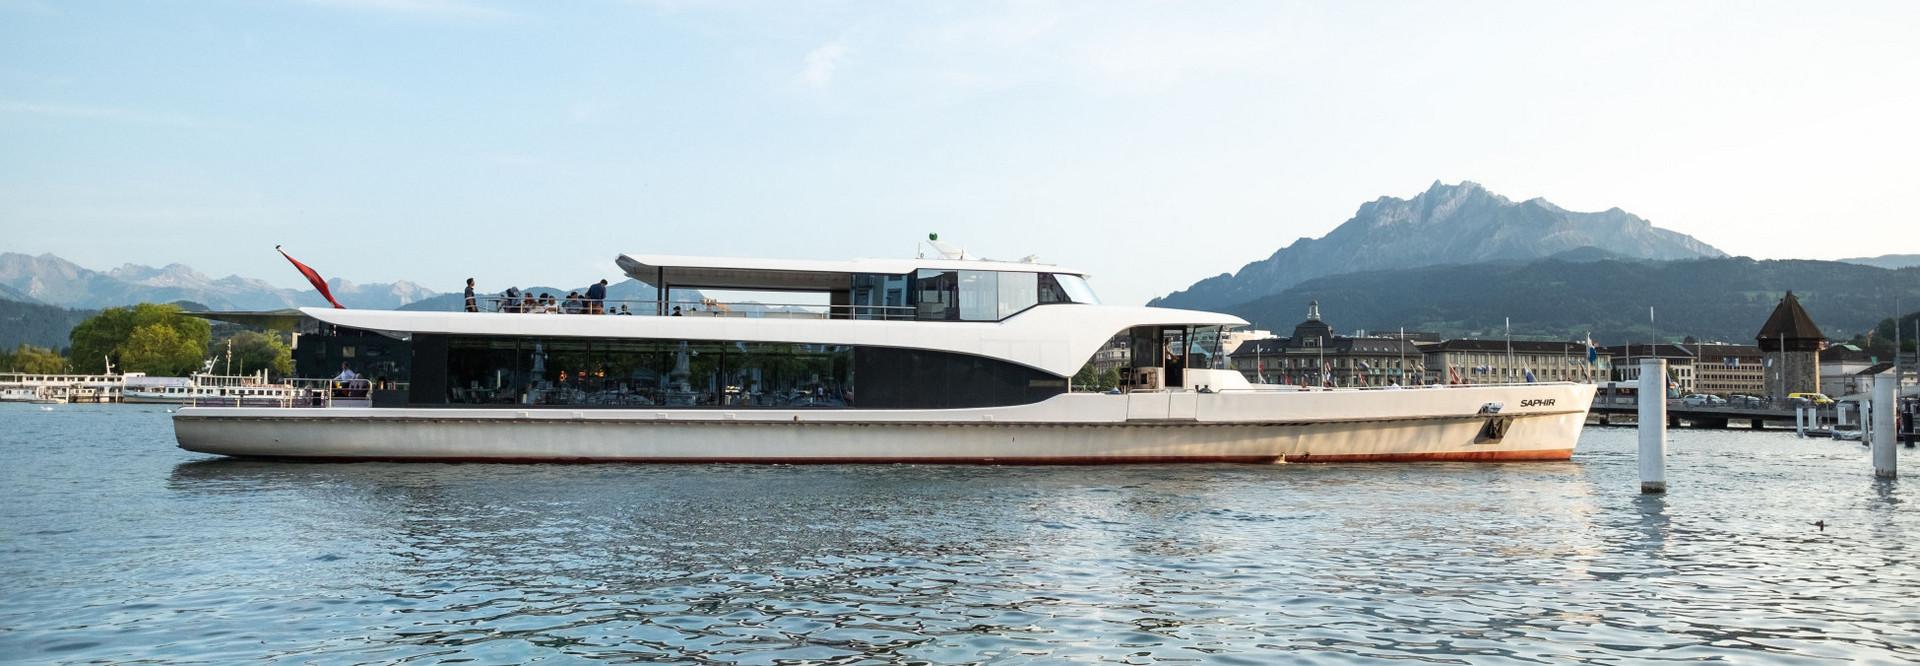 Das Motorschiff Saphir fährt Richtung Steg 7 in Luzern. Im Hintergrund ist der Wasserturm sowie der Pilatus zu sehen.